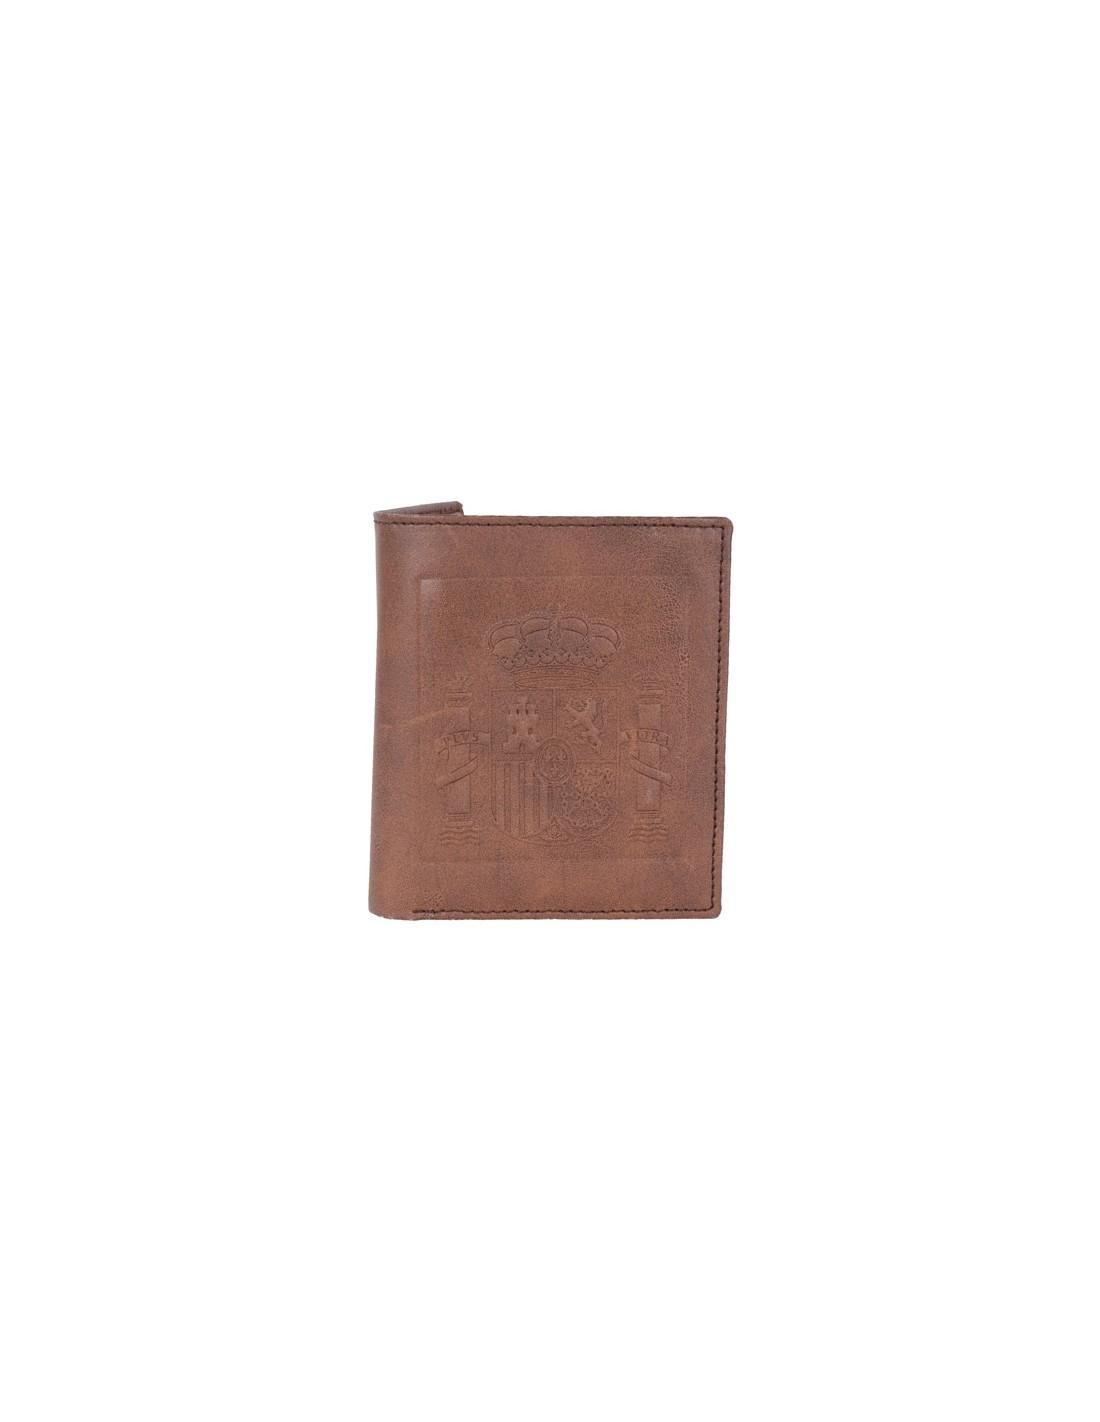 6640416a7 Cartera de Cuero con Escudo de España en Color Chocolate